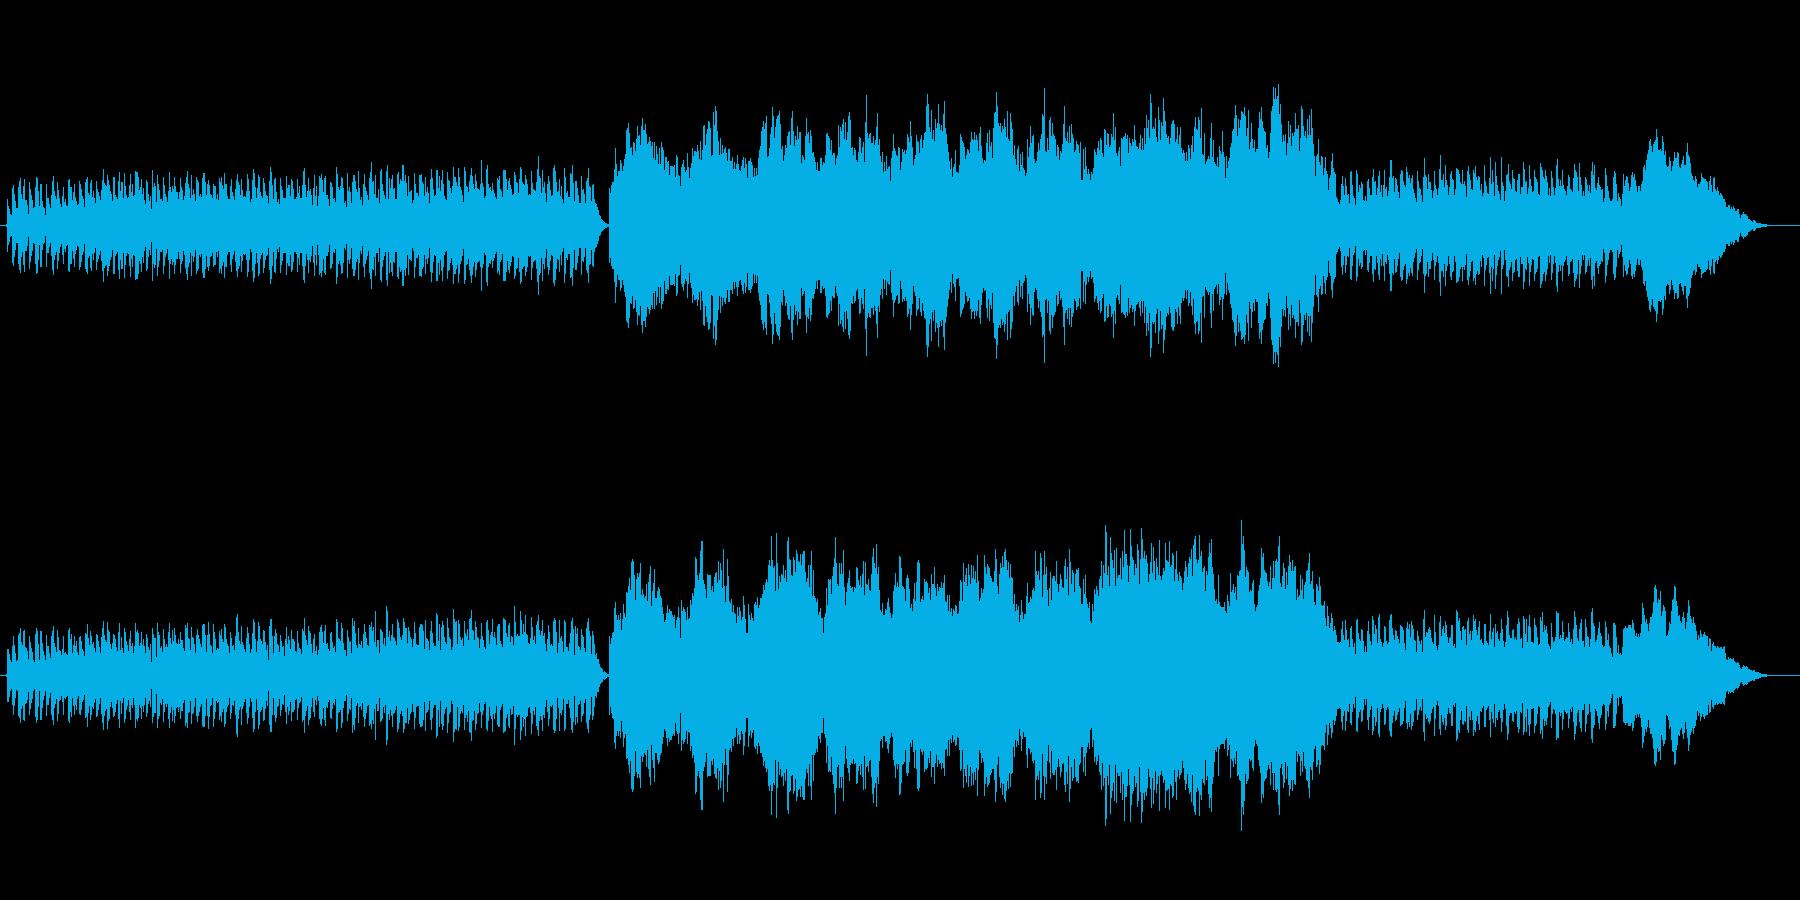 ハープとストリングスの穏やかな曲の再生済みの波形